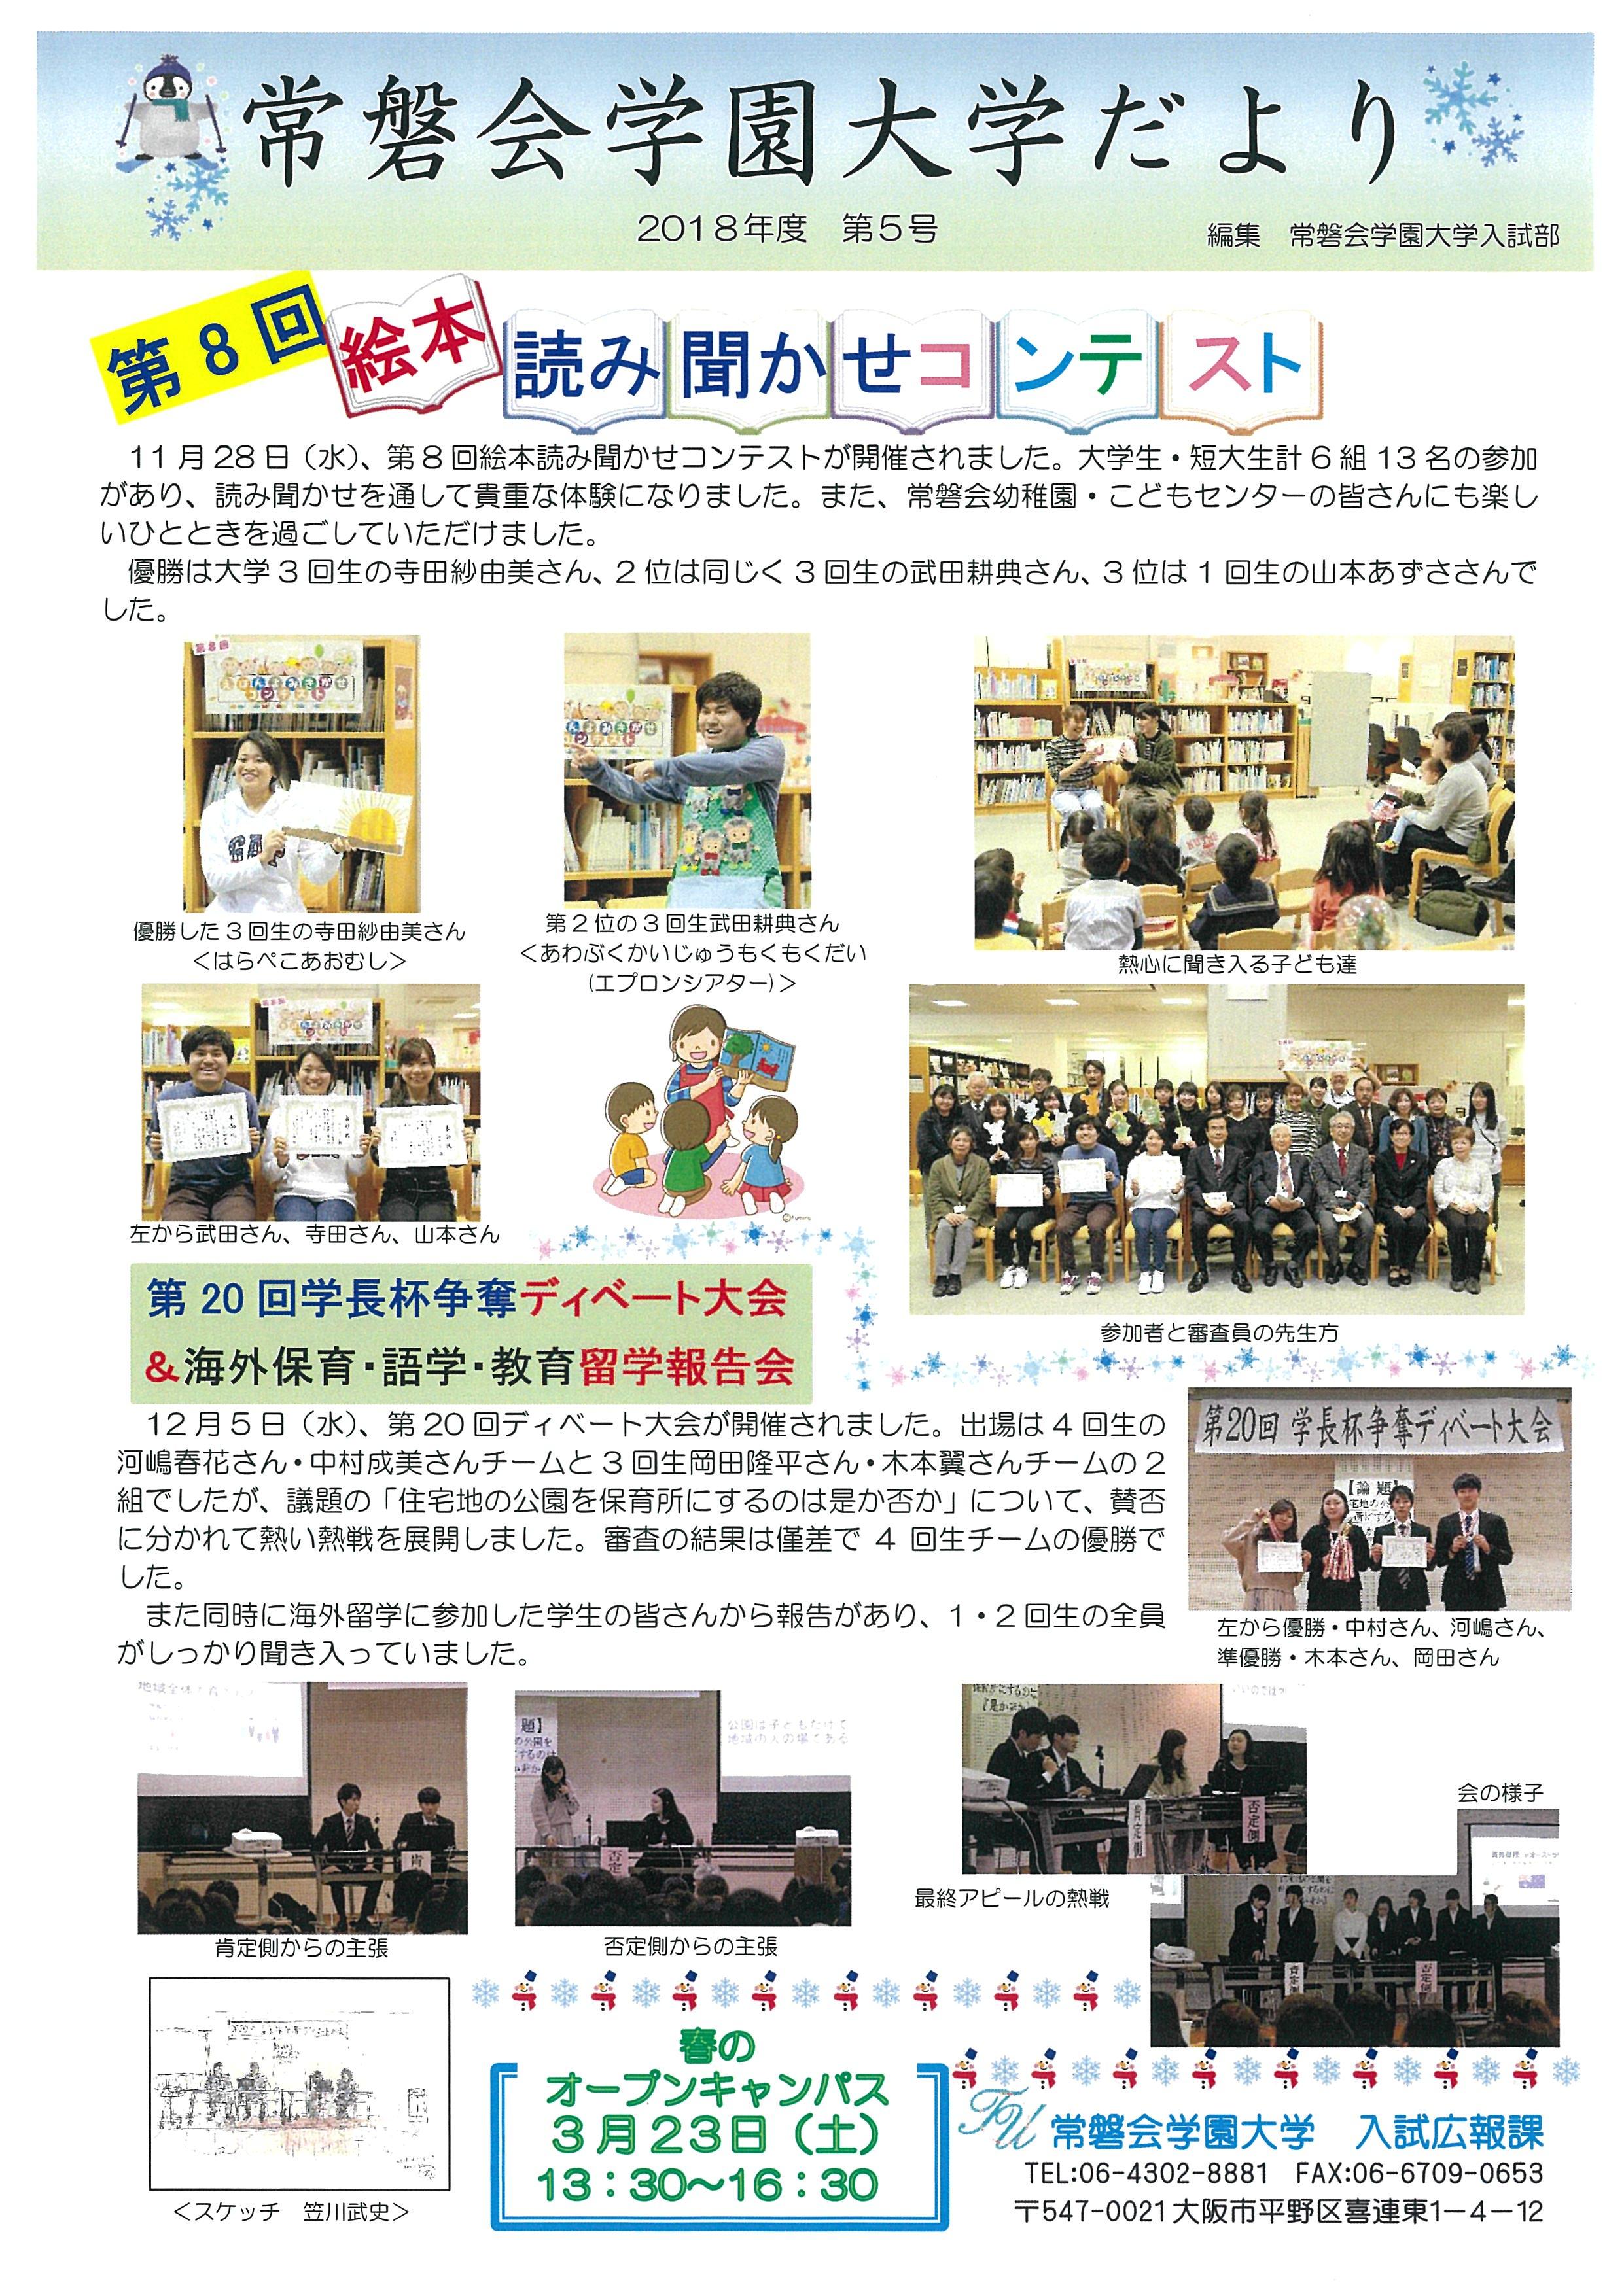 2018年度 第5号 絵本読み聞かせコンテスト・ディベート大会